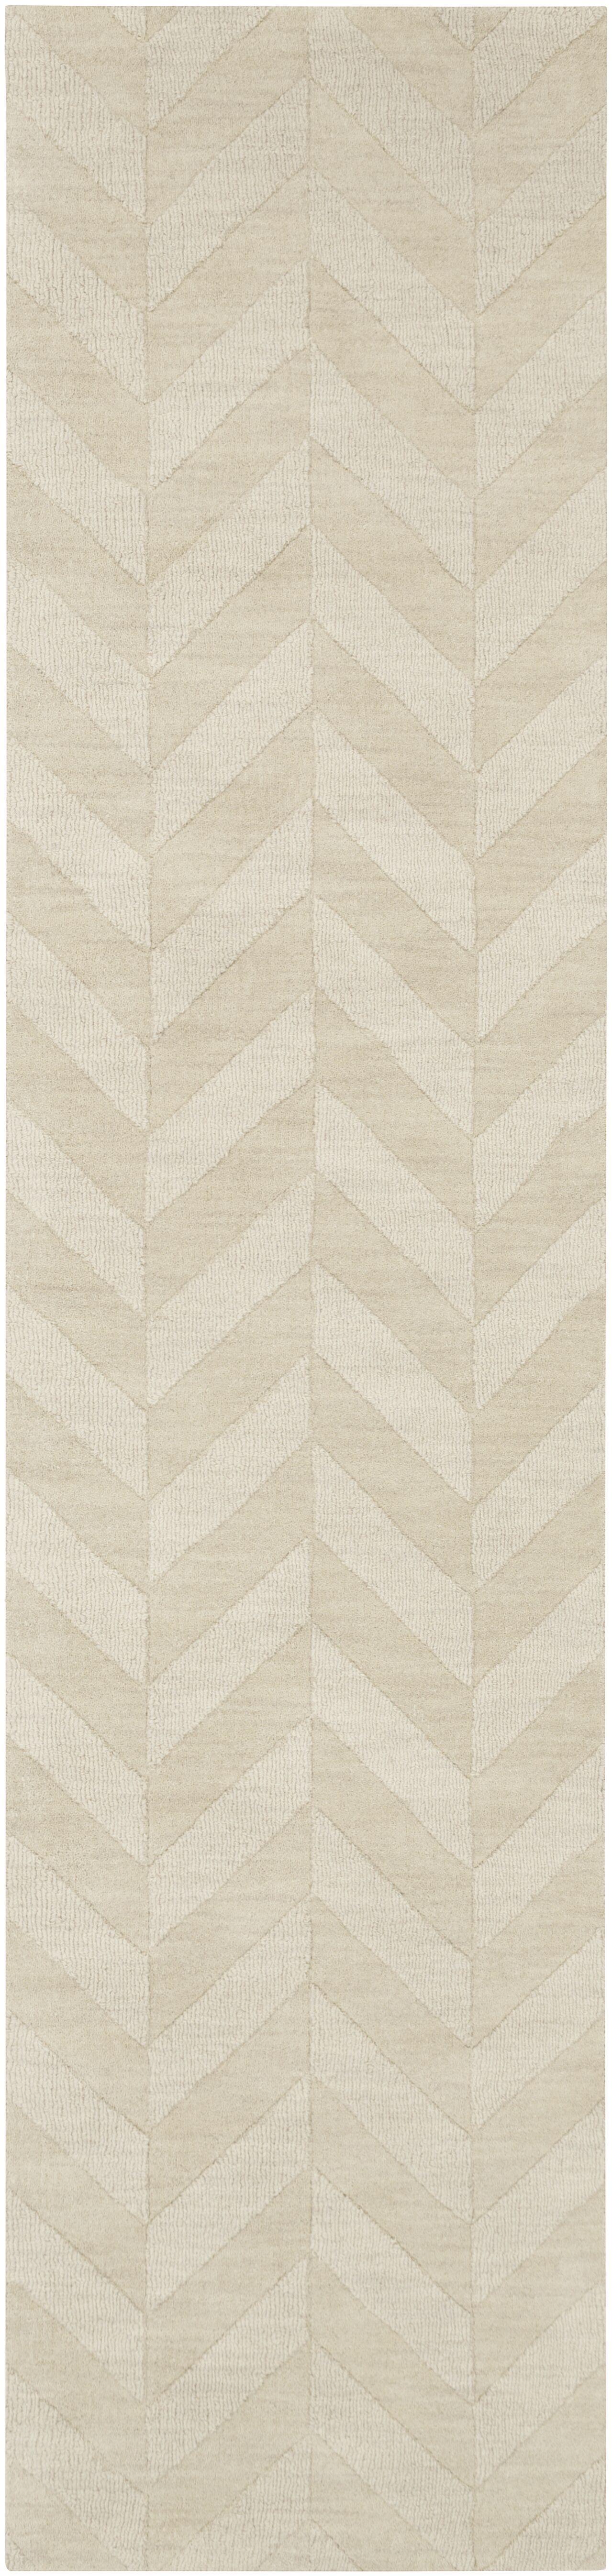 Sunburst Hand-Woven Wool Ivory Area Rug Rug Size: Runner 2'3